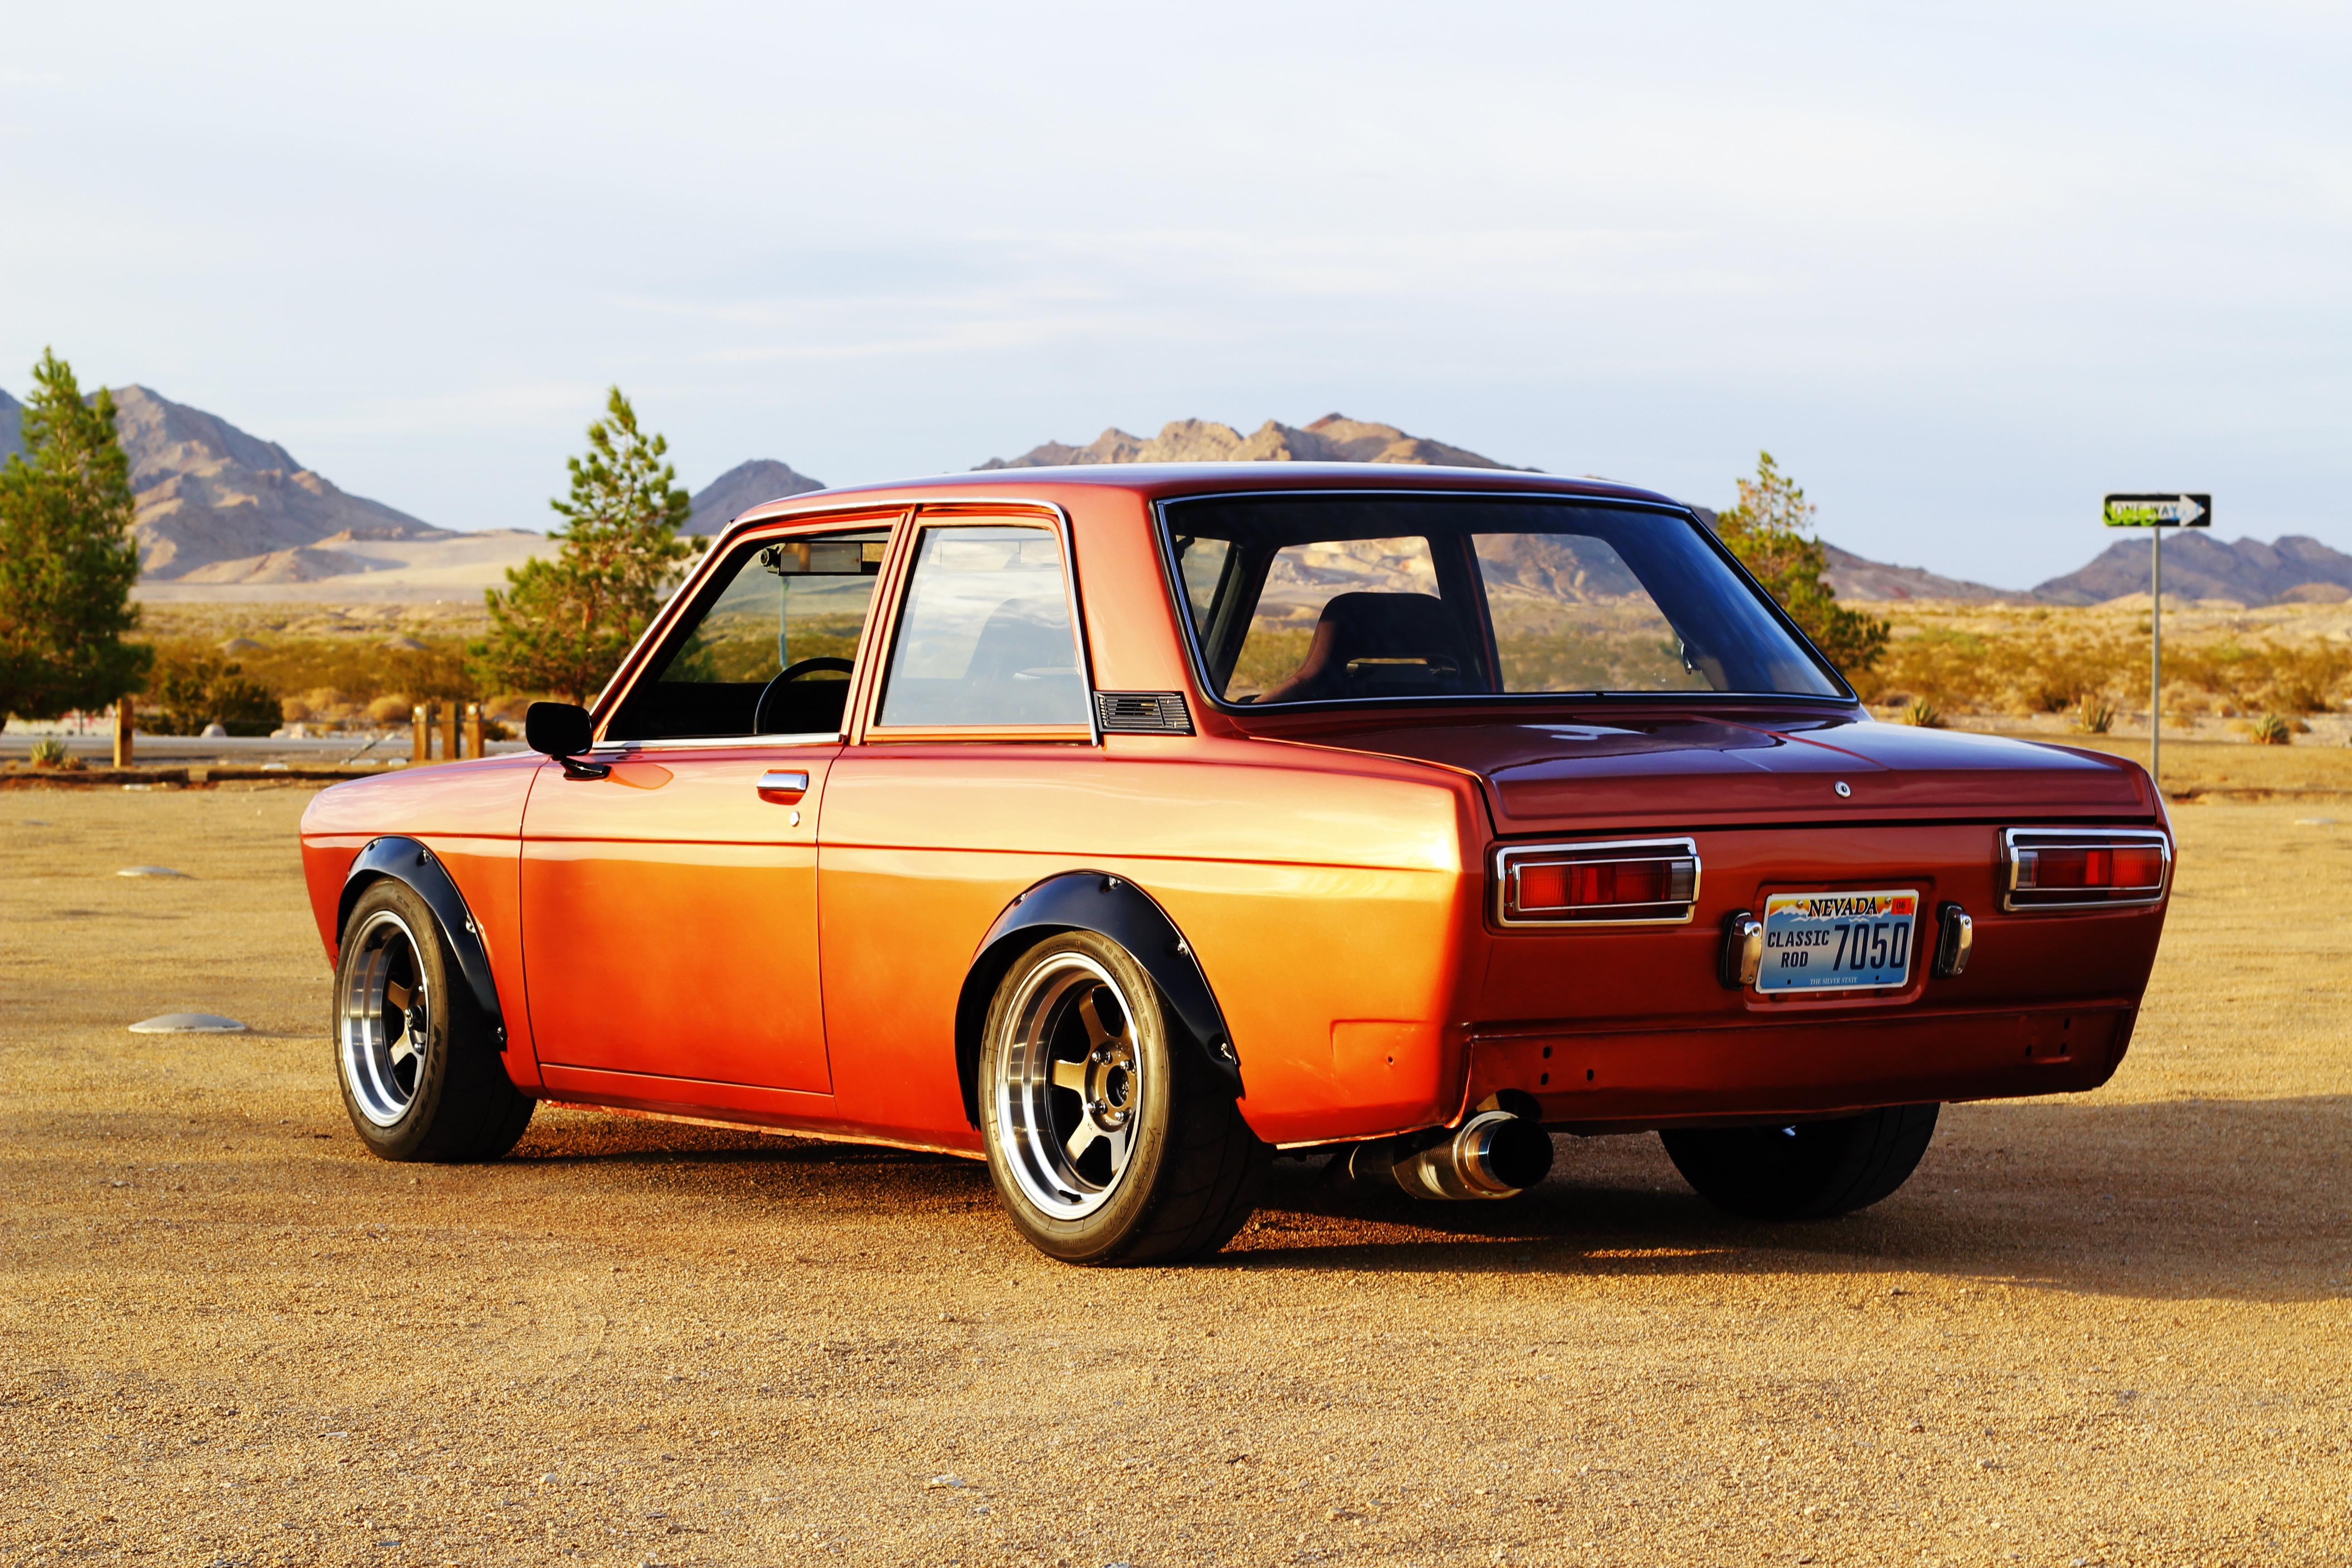 1970 Datsun 510 wallpaper 5184x3456 1188476 WallpaperUP 5184x3456